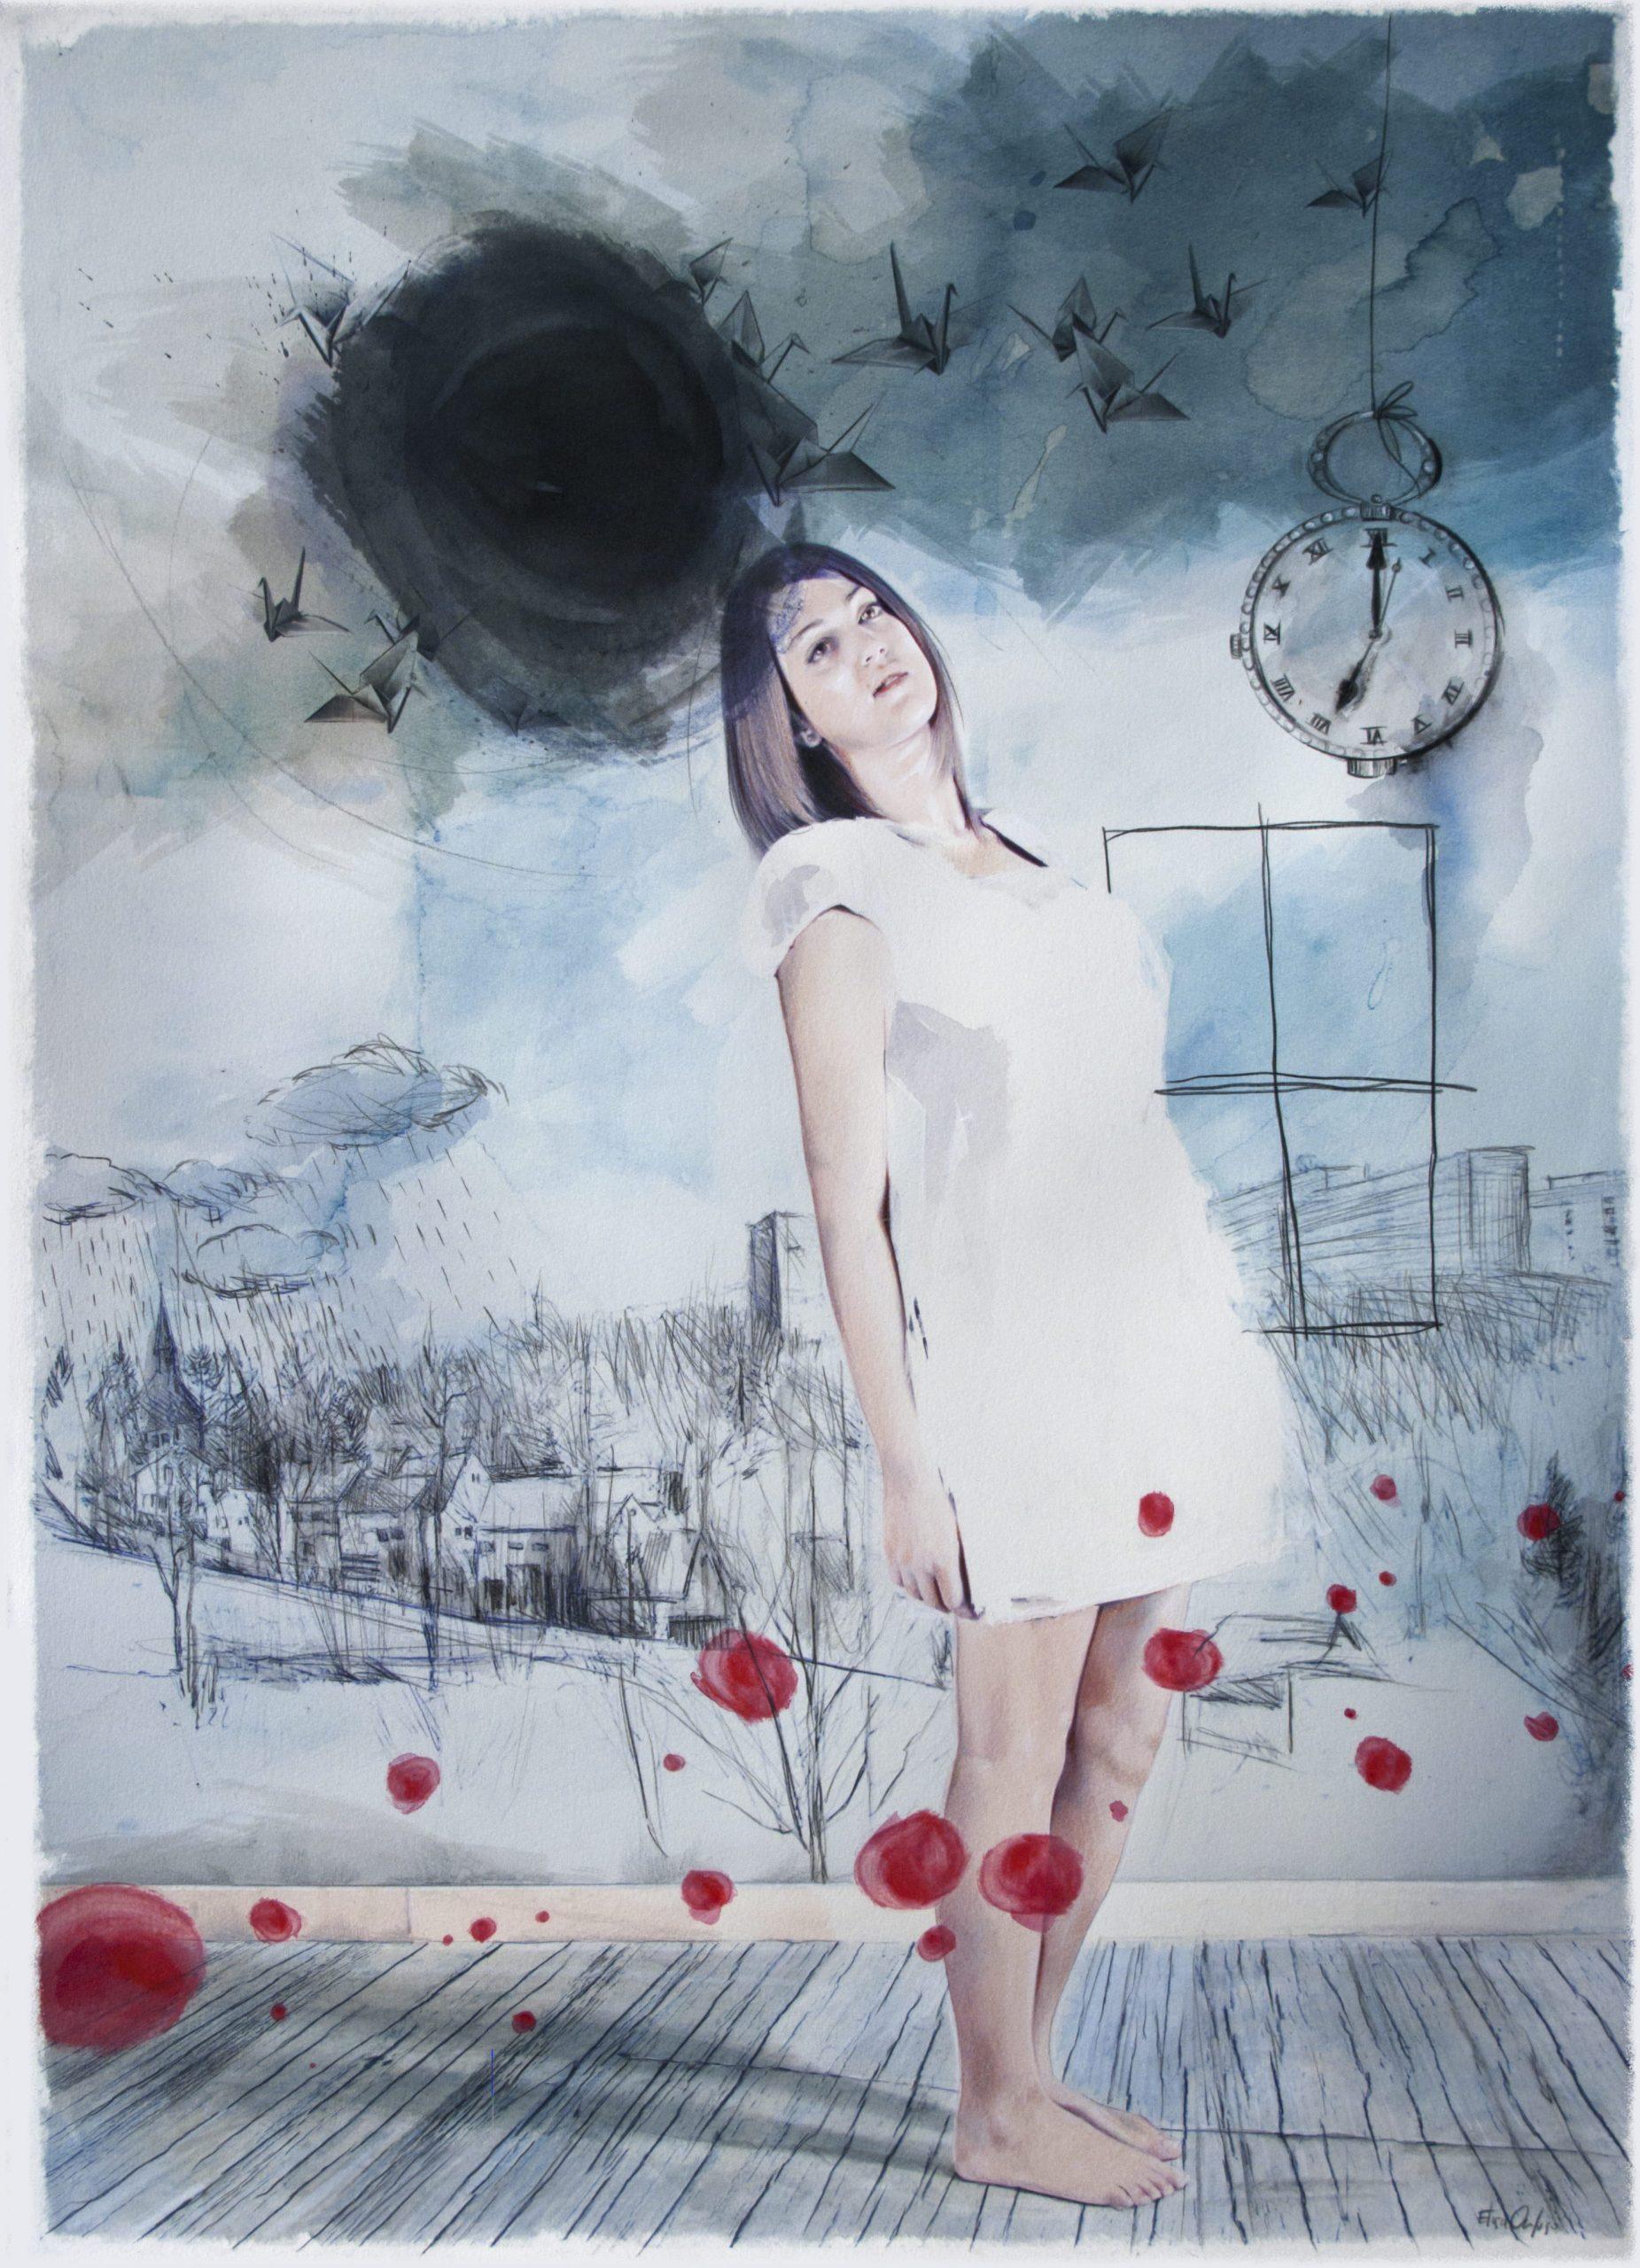 Olio e pastelli su carta, cm 50x70, 2011